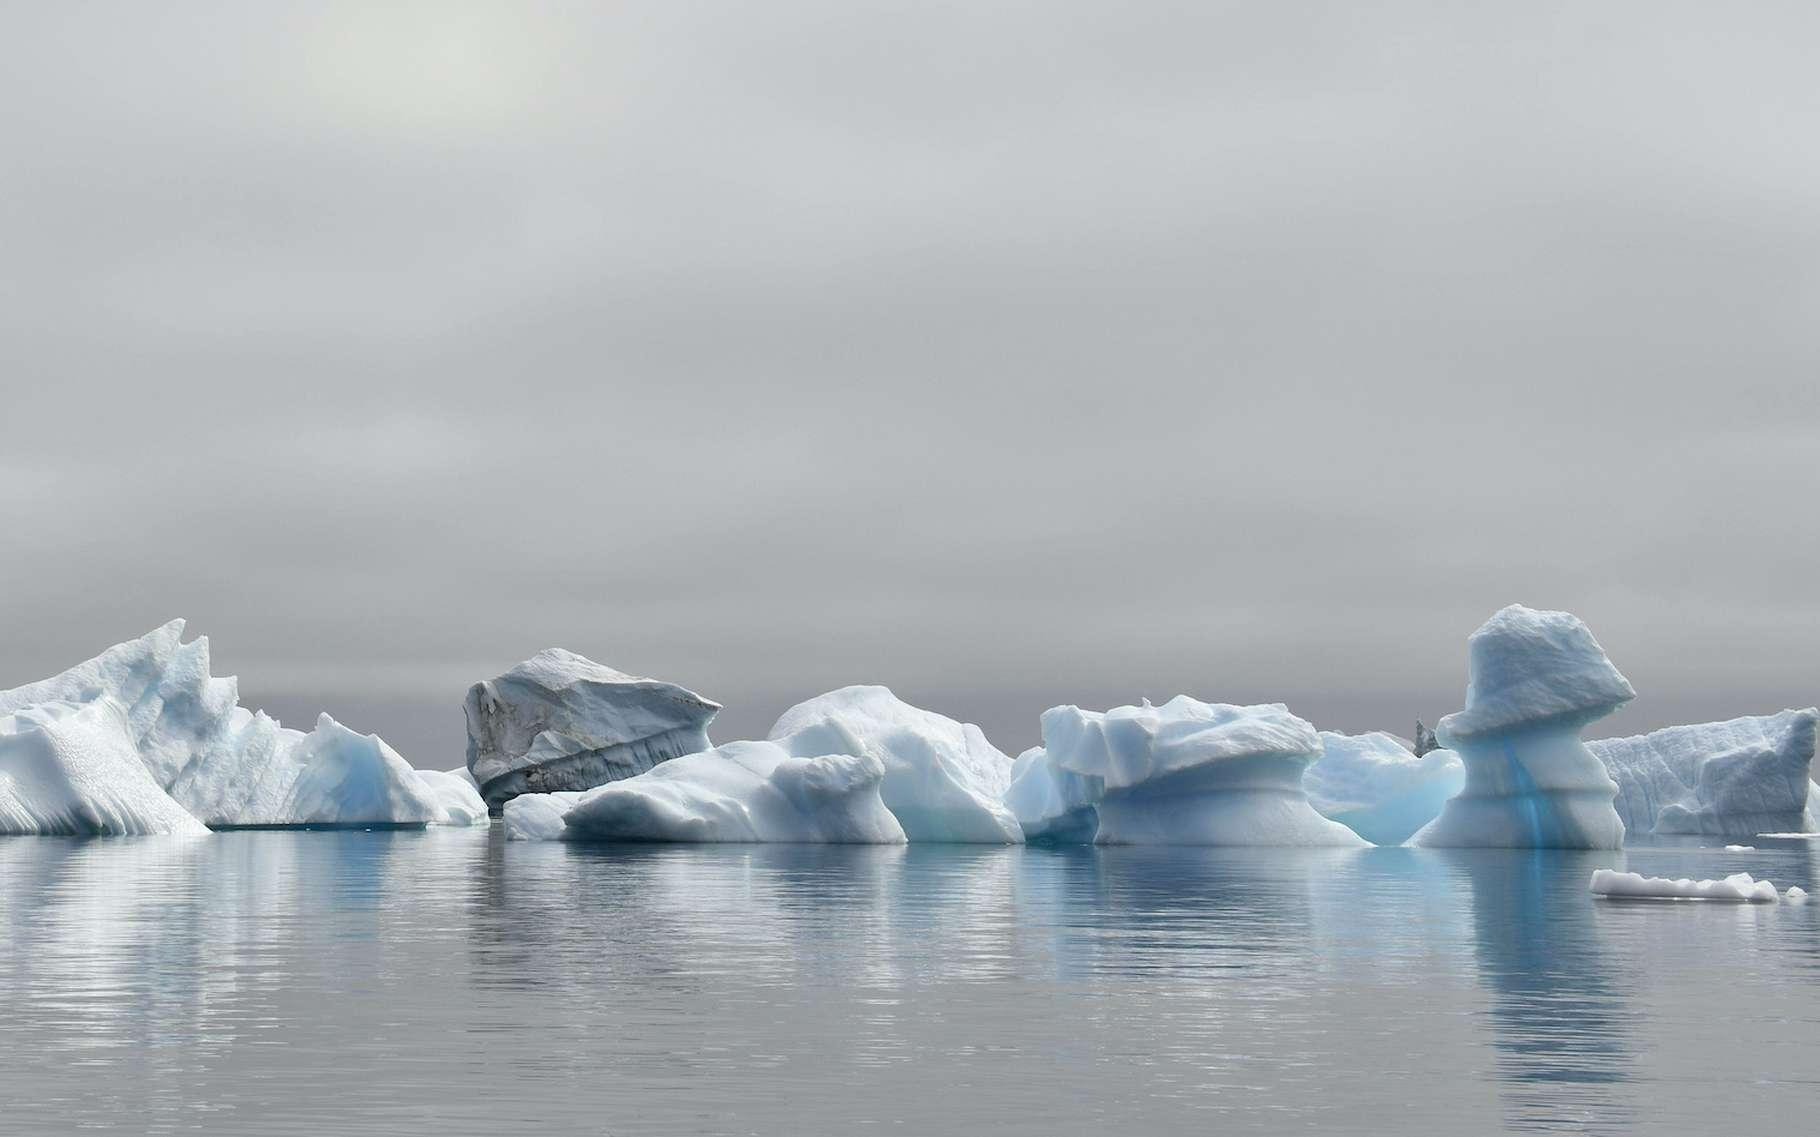 En étudiant la couverture de glace de mer pendant la dernière période glaciaire, des chercheurs de l'université de Copenhague (Danemark) sont arrivés à la conclusion d'un lien étroit entre fonte des glaces et réchauffement climatique brutal. © Uryadnikov Sergey, Adobe Stock